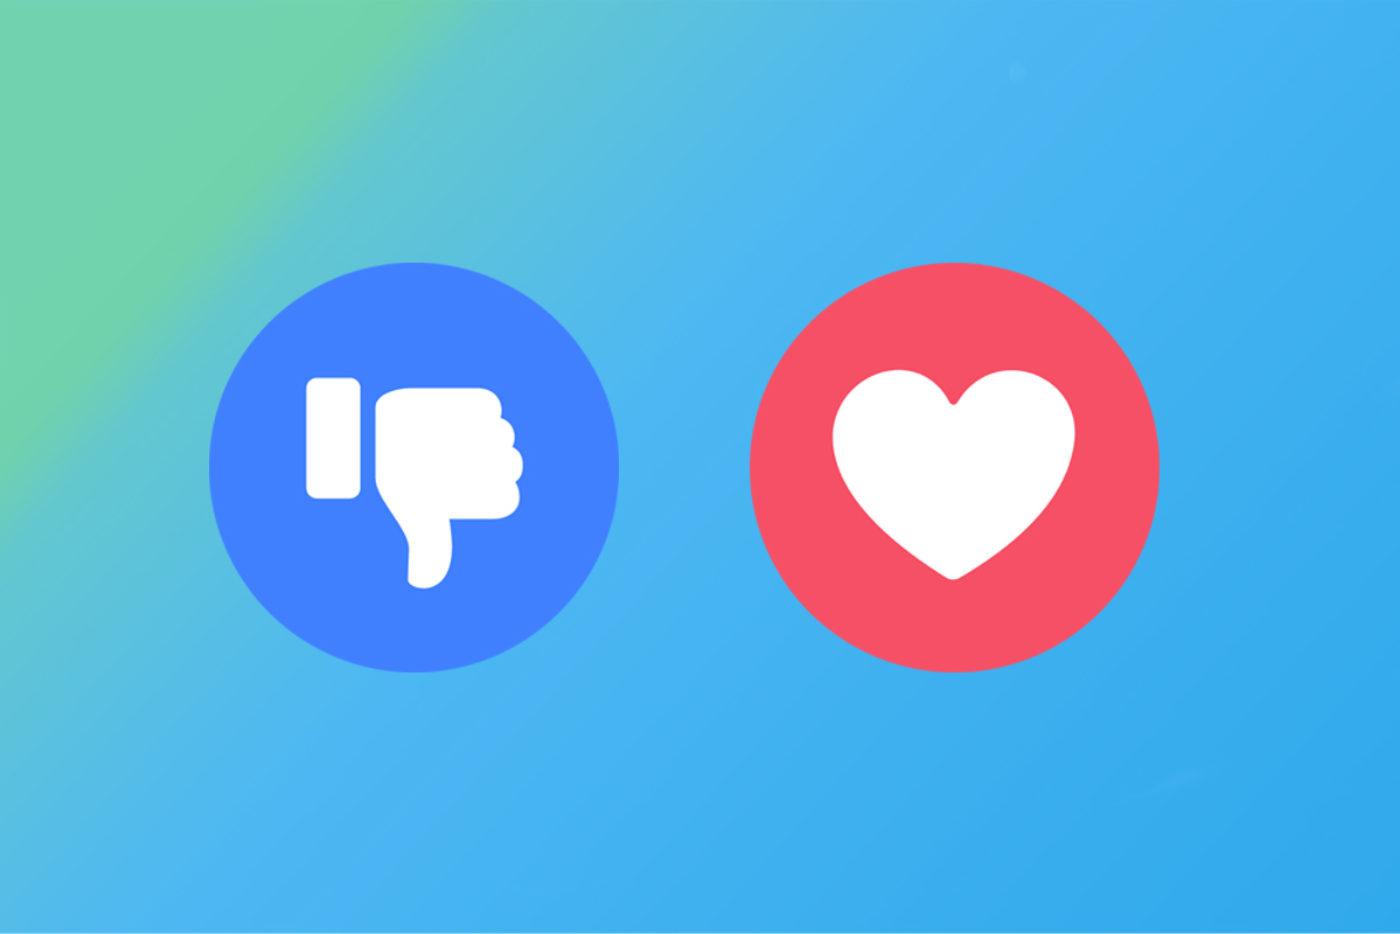 Мероприятия: Майстер-класс «Хороші та погані креативи у рекламі Facebook та Instagram» в Одесі